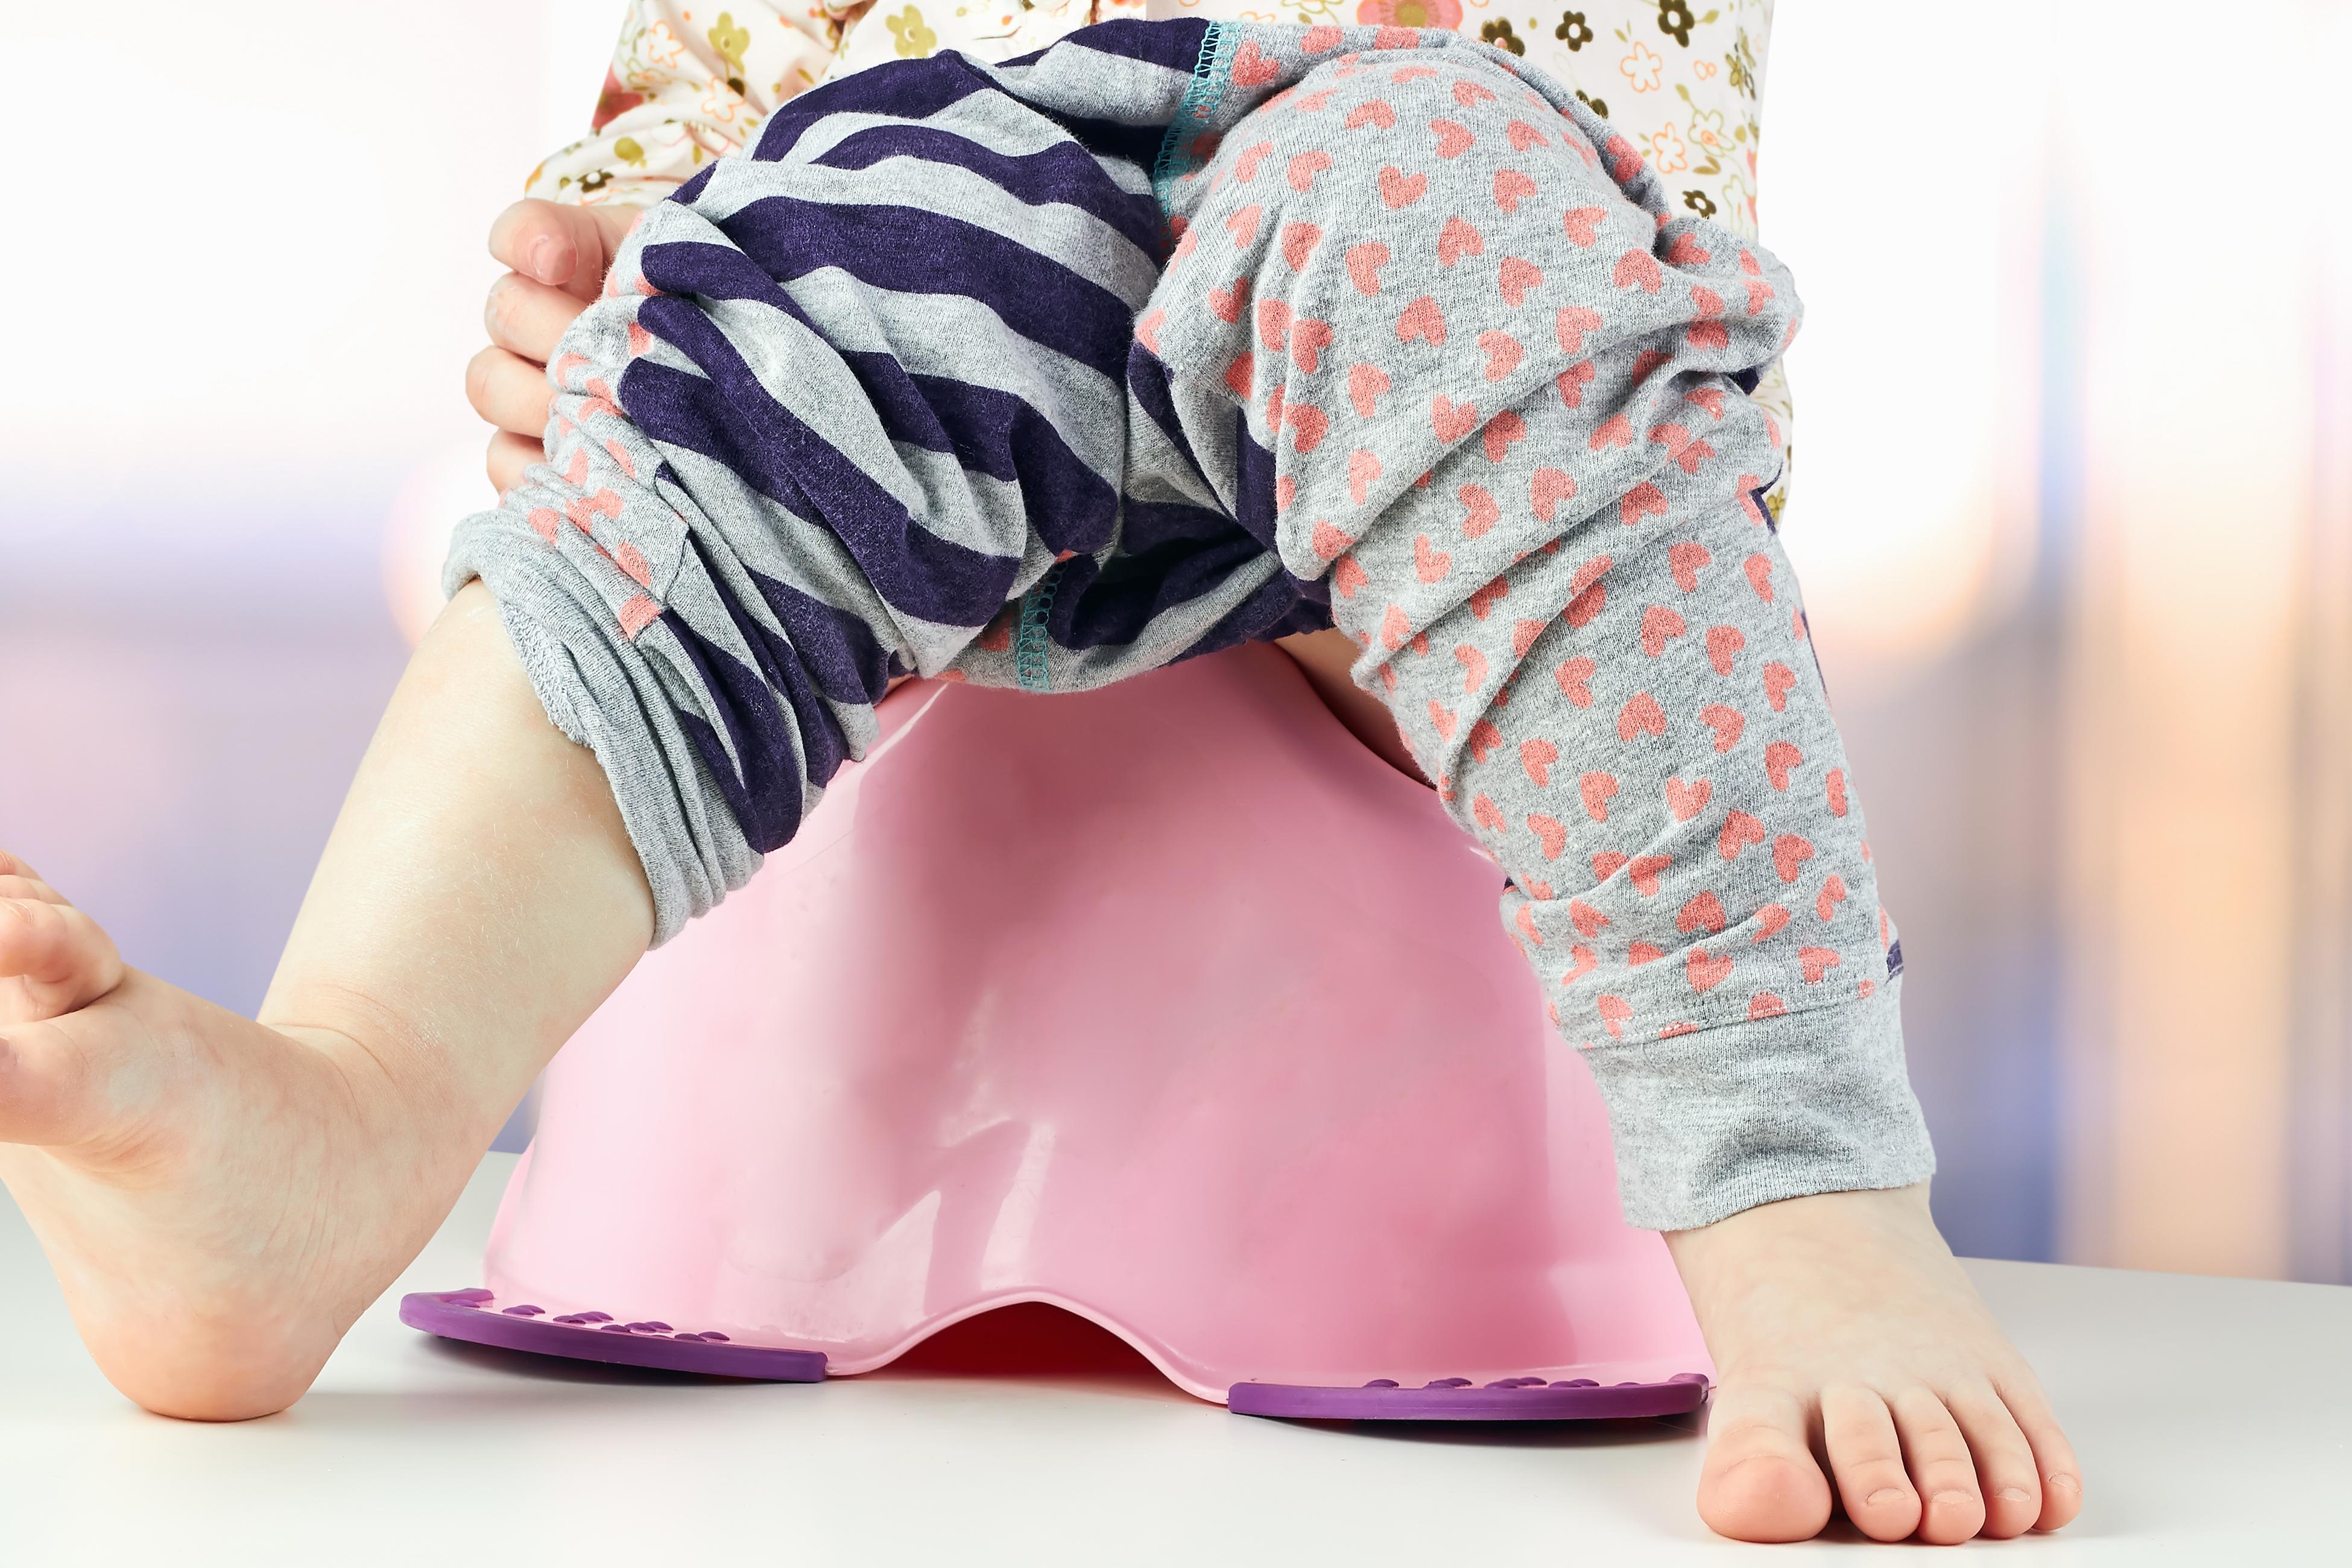 Den största risken för barn med diarré är uttorkning, så det är bra att vara medveten om att ge barnet mycket vätska.